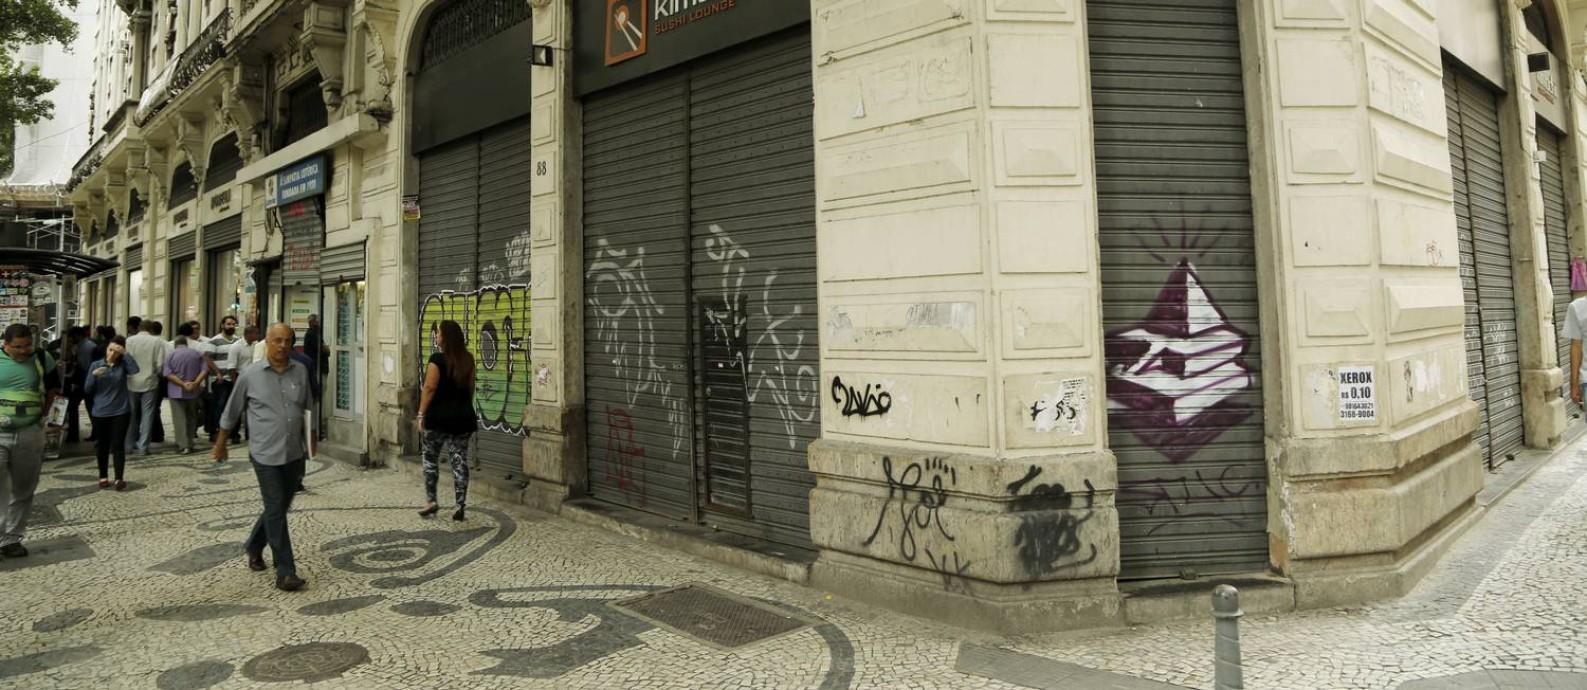 Comércio de portas fechadas no Centro do Rio. Foto de Gabriel de Paiva / Agência O Globo Foto: /